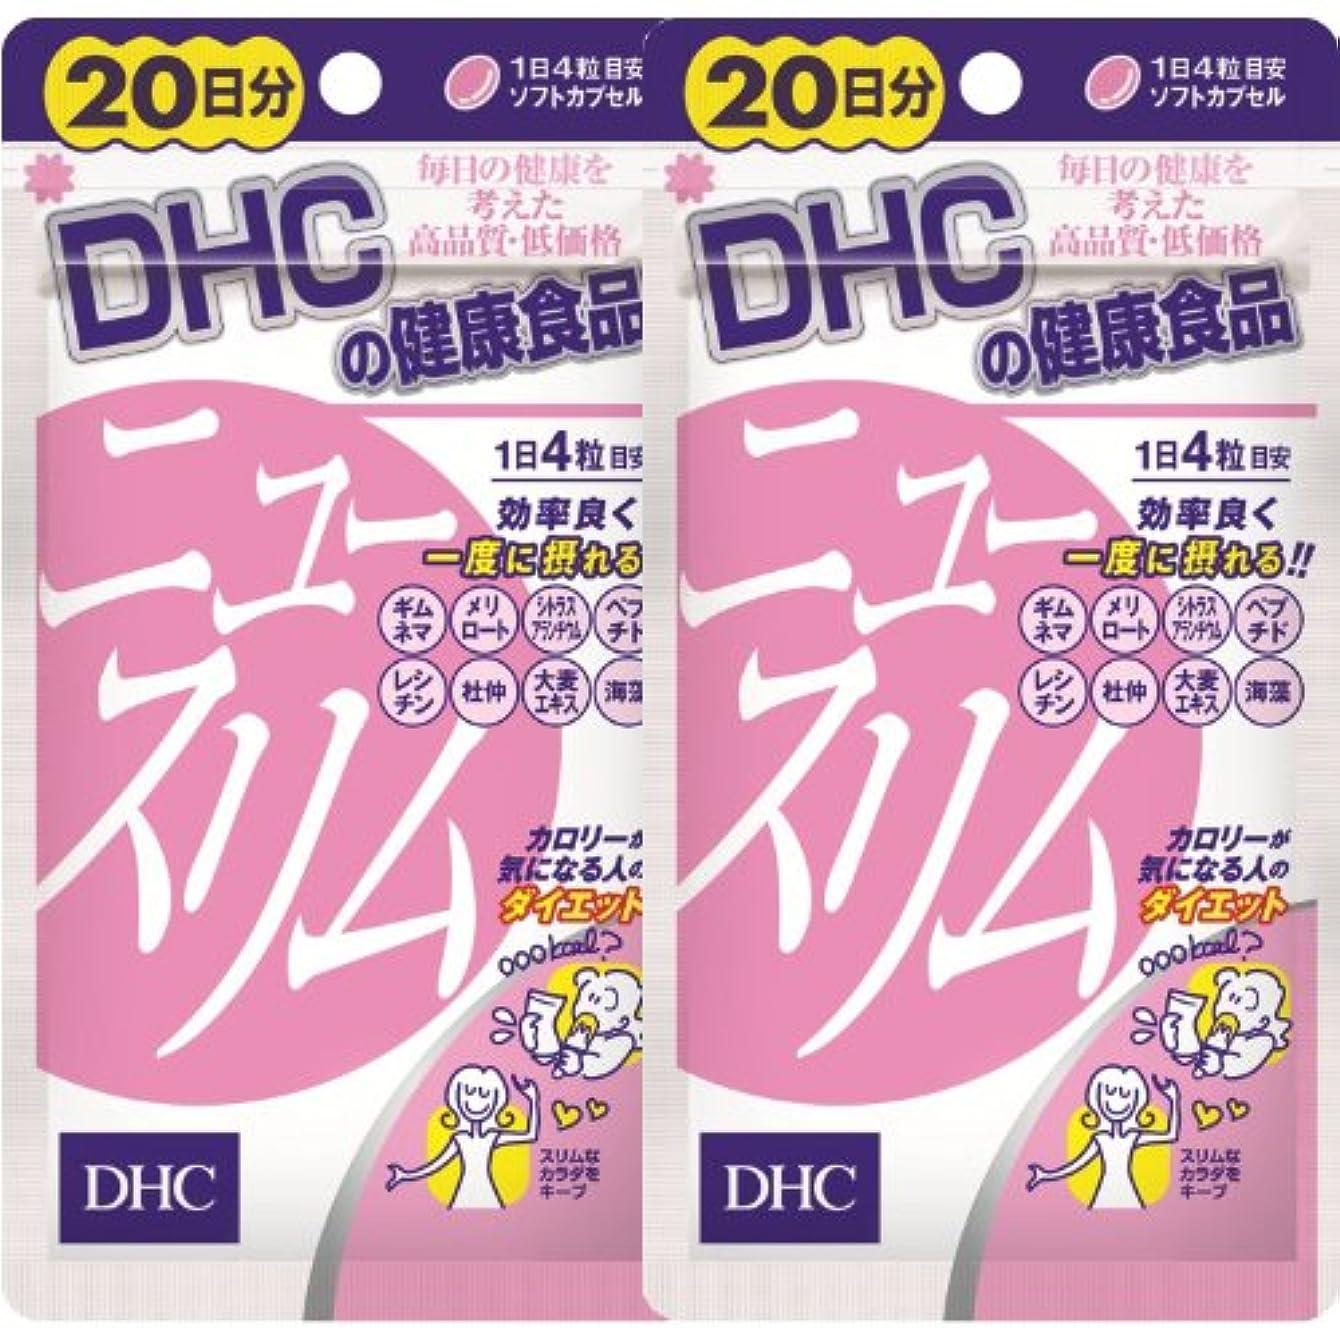 消える手数料テレマコスDHCニュースリム 20日分(新) 80粒【2個セット】